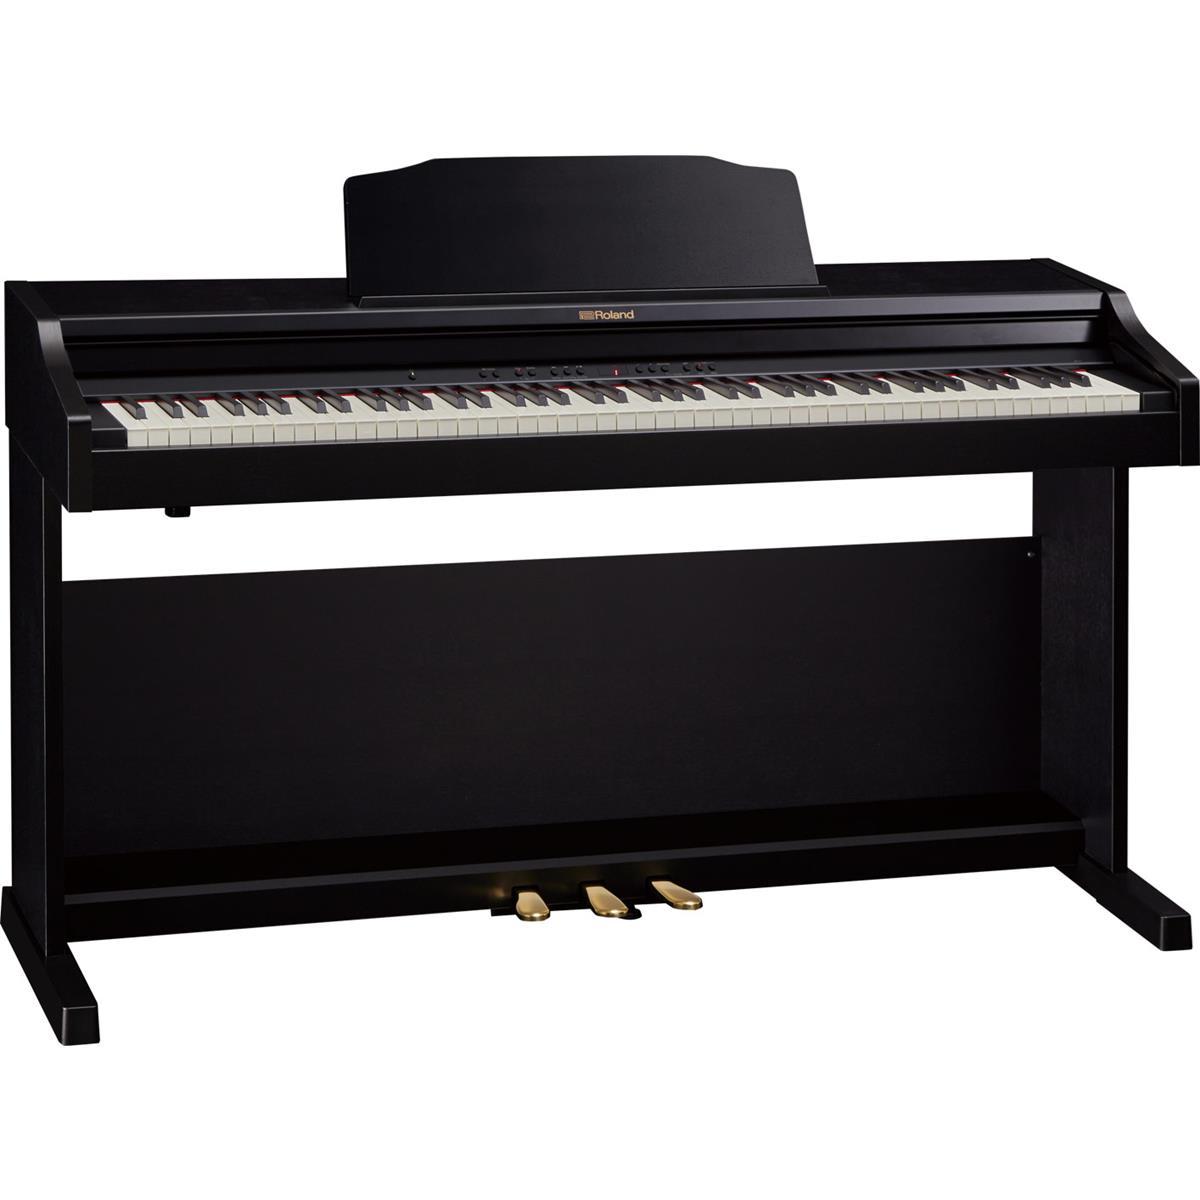 ROLAND RP 501 R CB - PIANOFORTE DIGITALE - Tastiere Pianoforti Digitali